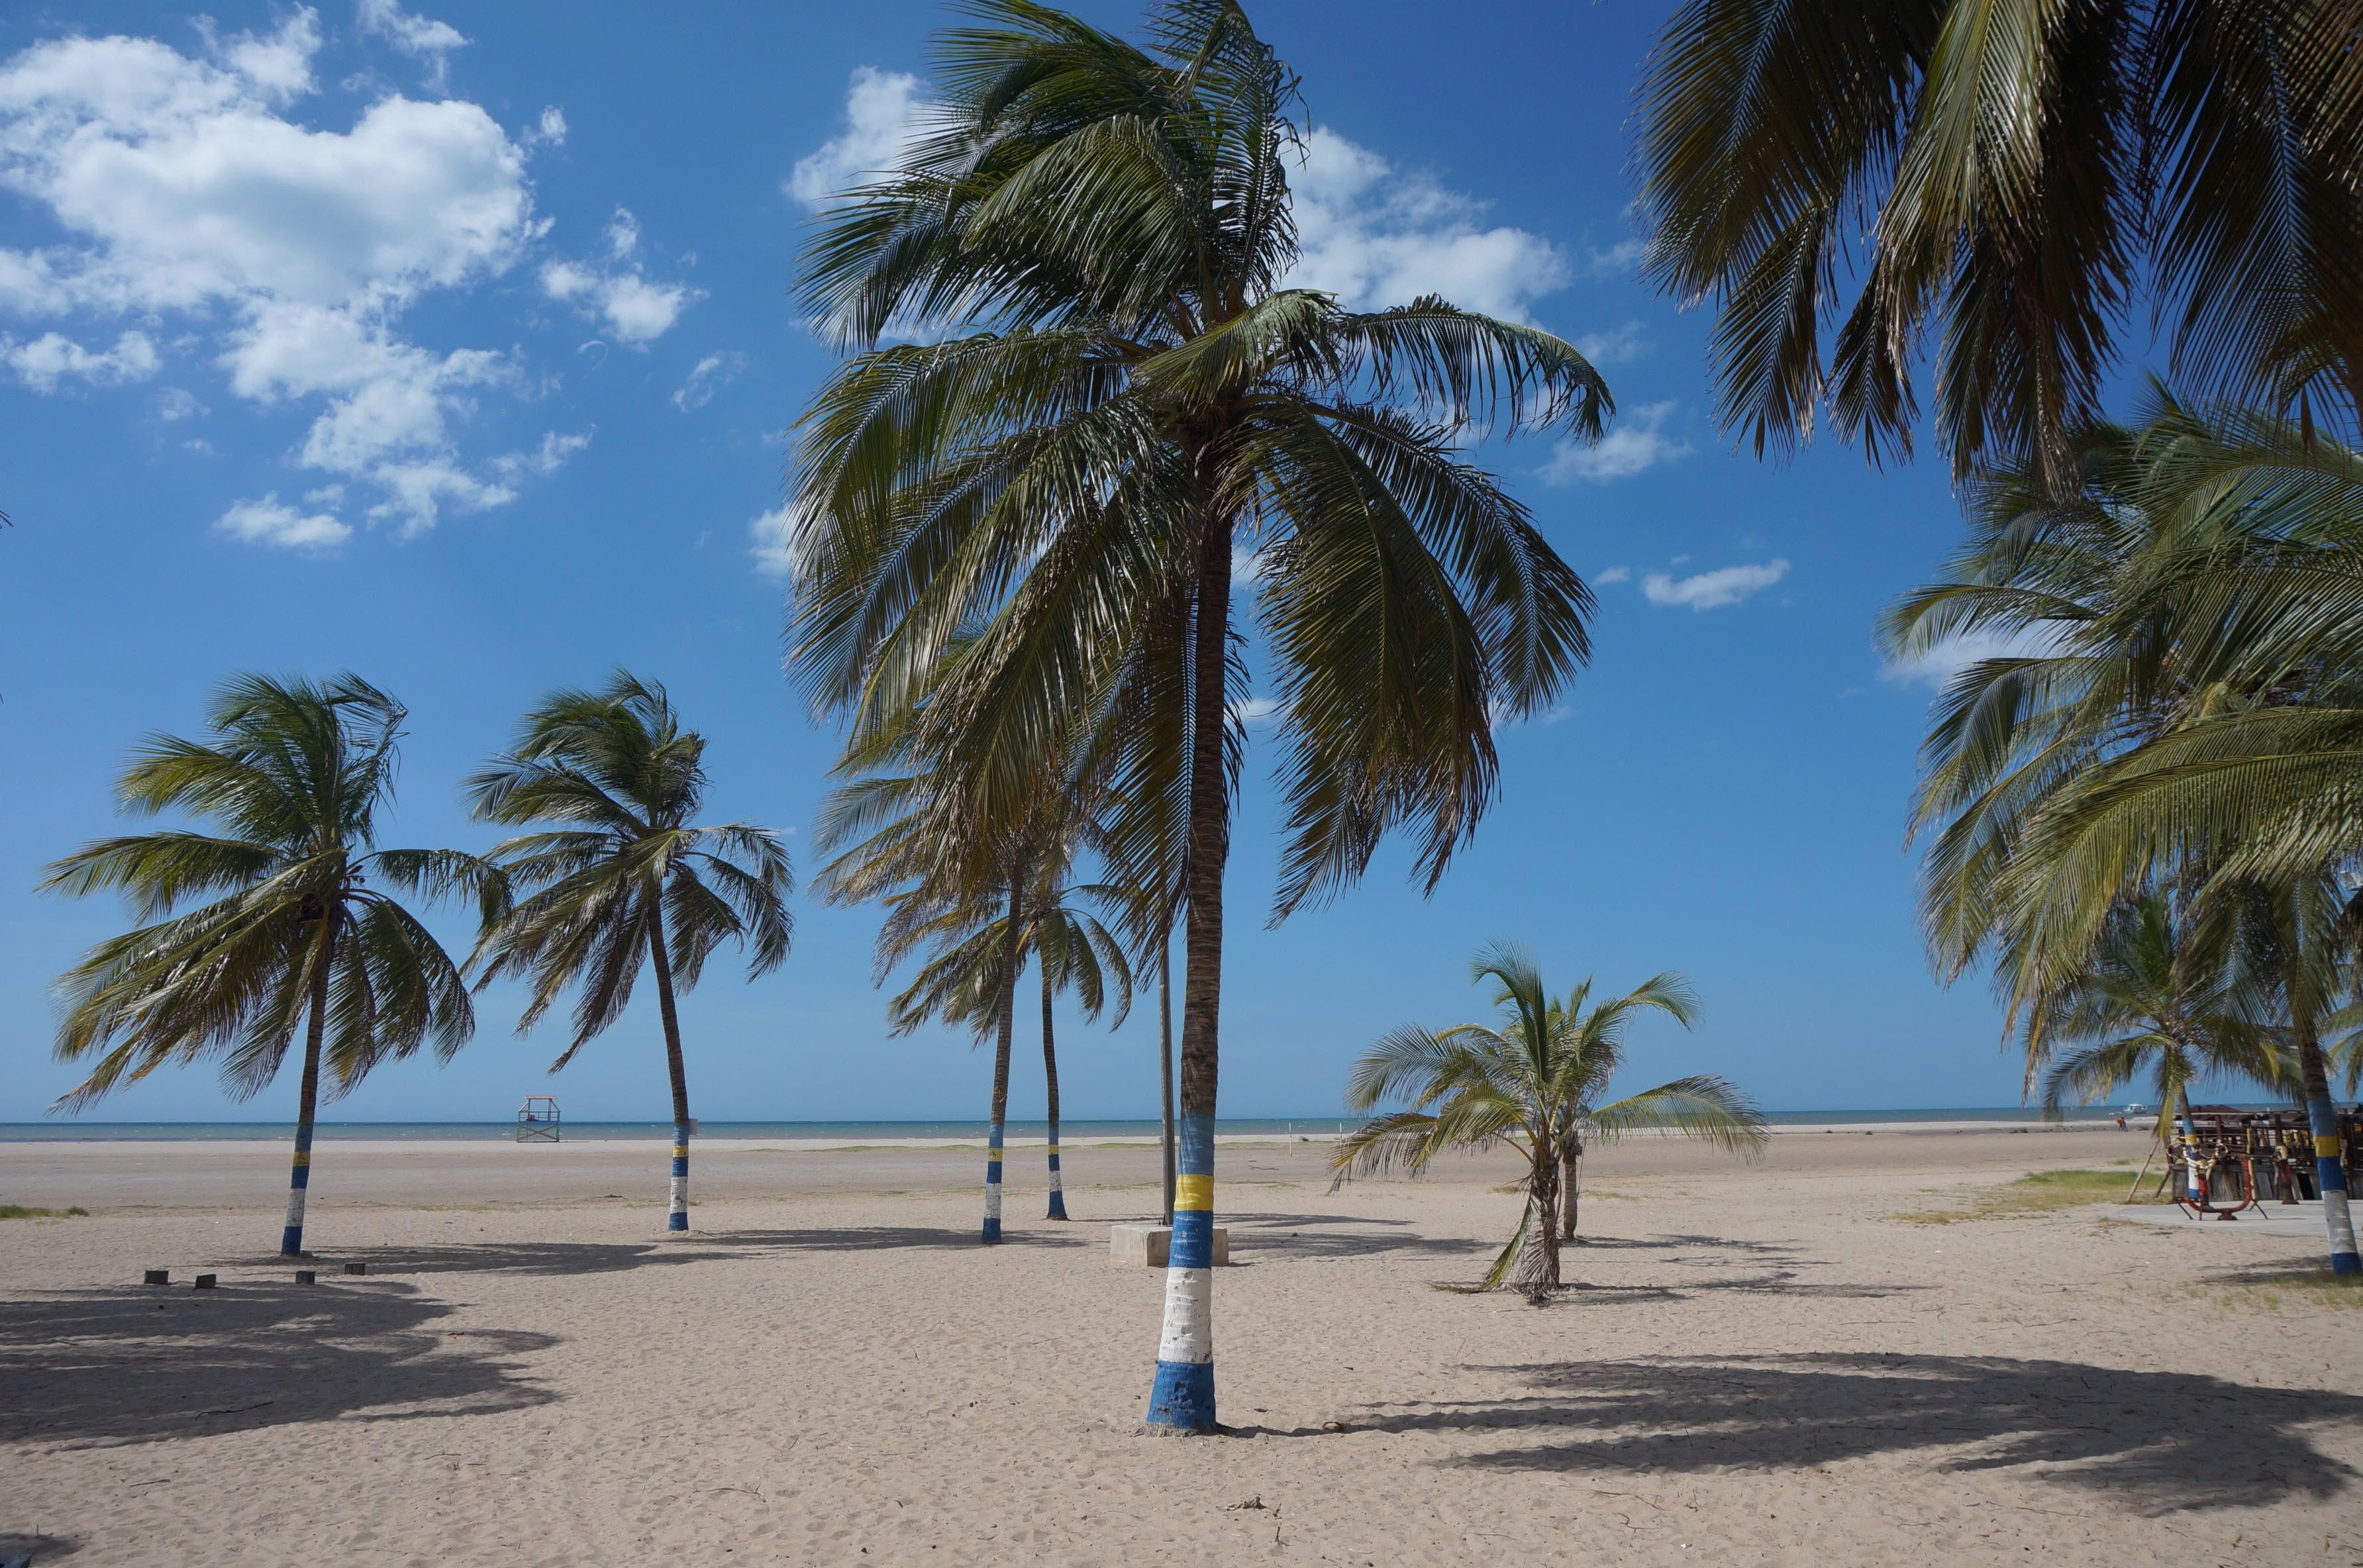 riohacha, péninsules de guajira, colombie